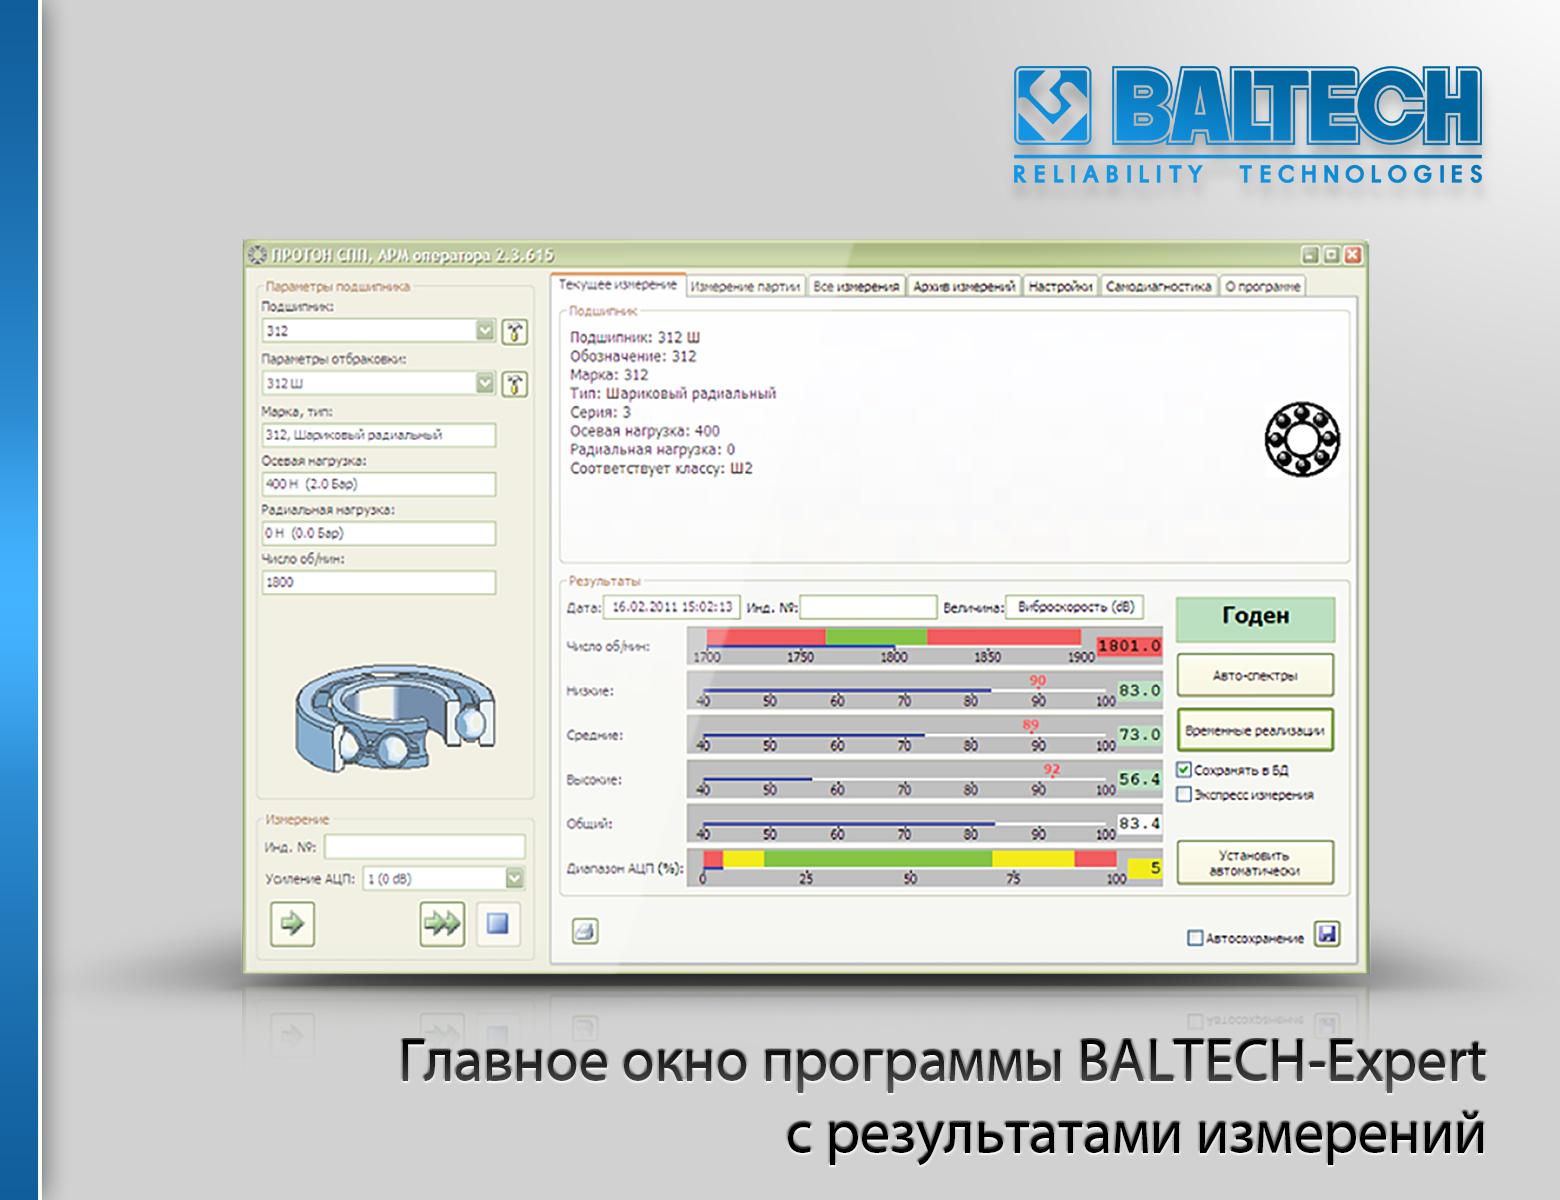 Контроль подшипников, диагностика подшипников, главное окно программы с результатами измерений